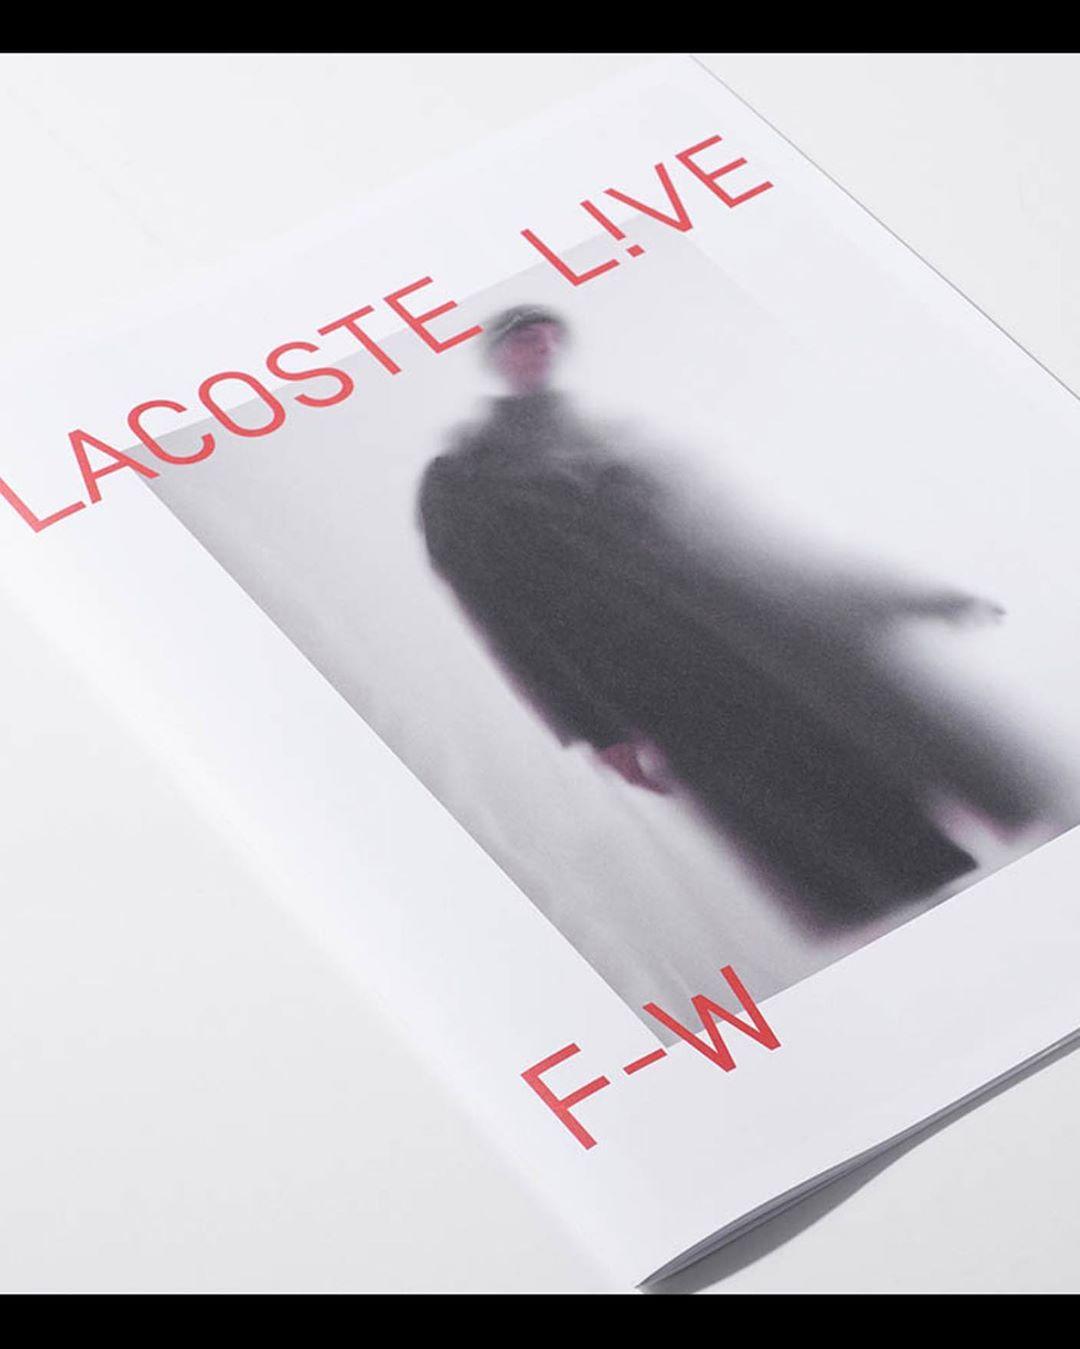 Lacoste Live FW18 w/ @jonas_lindstroem @lacoste #2018